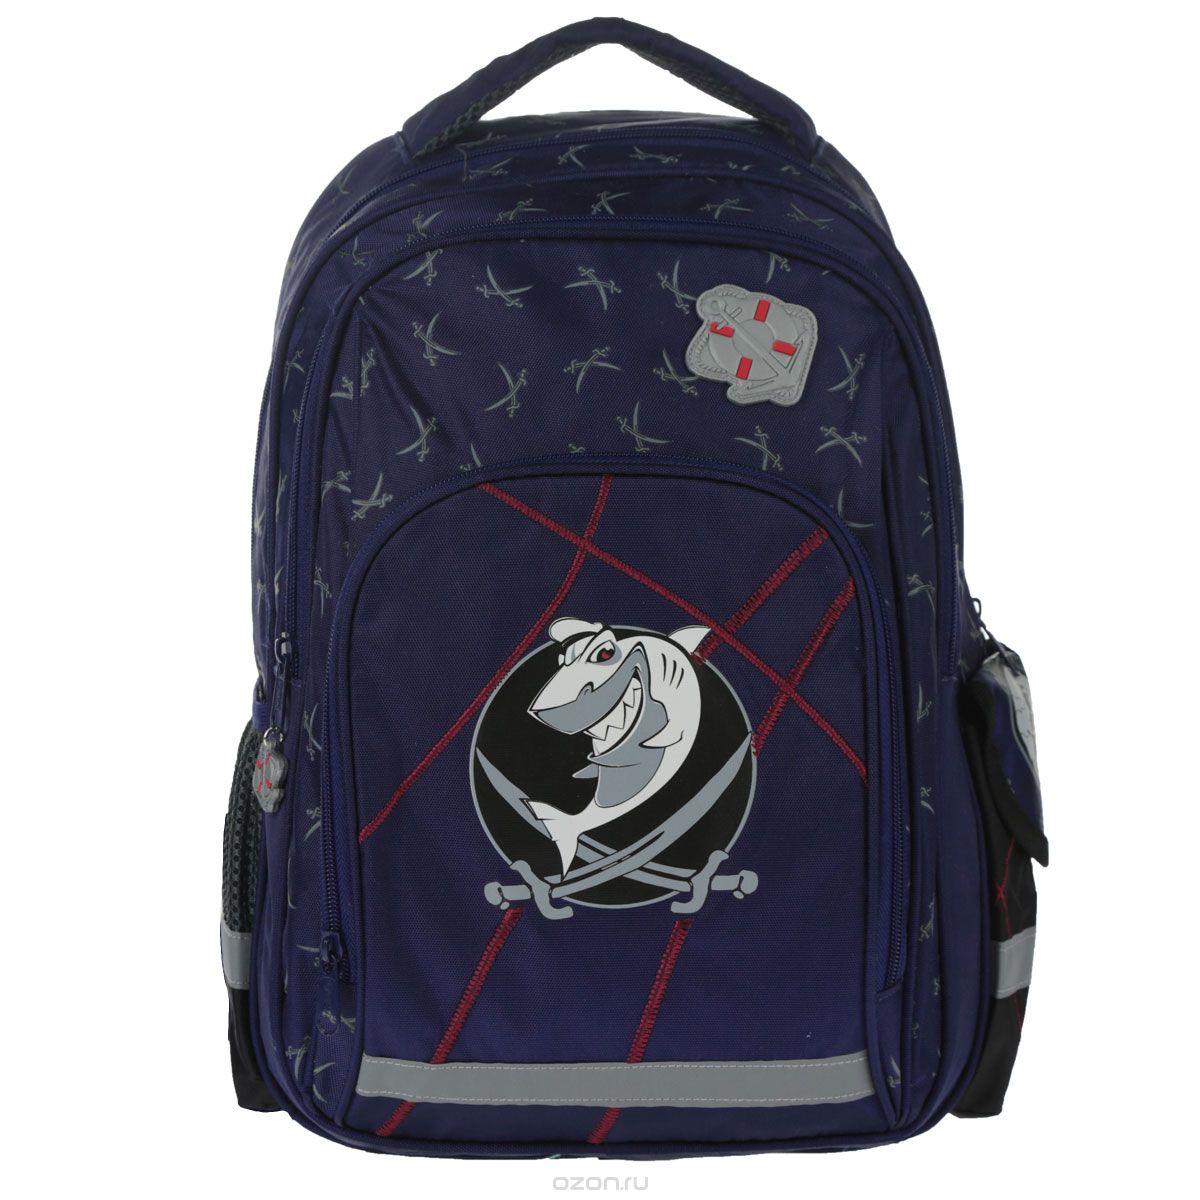 Рюкзак школьный Hatber Shark, цвет: синийNRk_60637Облегченный школьный рюкзак Hatber Shark для детей младшего и среднего возраста изготовлен из качественного нейлона, характеризующегося повышенной износостойкостью, водонепроницаемостью и устойчивостью к УФ-излучению. Изделие оформлено акулой, бегунок змейки украшен брелоком в форме якоря.Рюкзак имеет два основных отделения, большое и малое, которые закрываются на застежки-молнии. Внутри большого отделения расположены:два накладных кармана, и резинка с фиксатором. Внутри малого отделения расположены пять накладных карманов для канцтоваров и мелочей. Снаружи, на лицевой стороне, рюкзака размещен накладной карман на молнии. С двух сторон изделия расположены два накладных кармашка, один из которых застегивается на липучку. У рюкзака предусмотрены две широкие лямки для переноски на плечах, а также имеется петля для подвешивания и ручка для переноски в руке. Изделие дополнено светоотражающими элементами. Благодаря ортопедической спинке, у ребенка не возникнут проблемы с позвоночником.Многофункциональный школьный рюкзак Bitty Buttons: Hatber станет незаменимым спутником вашего ребенка в походах за знаниями.